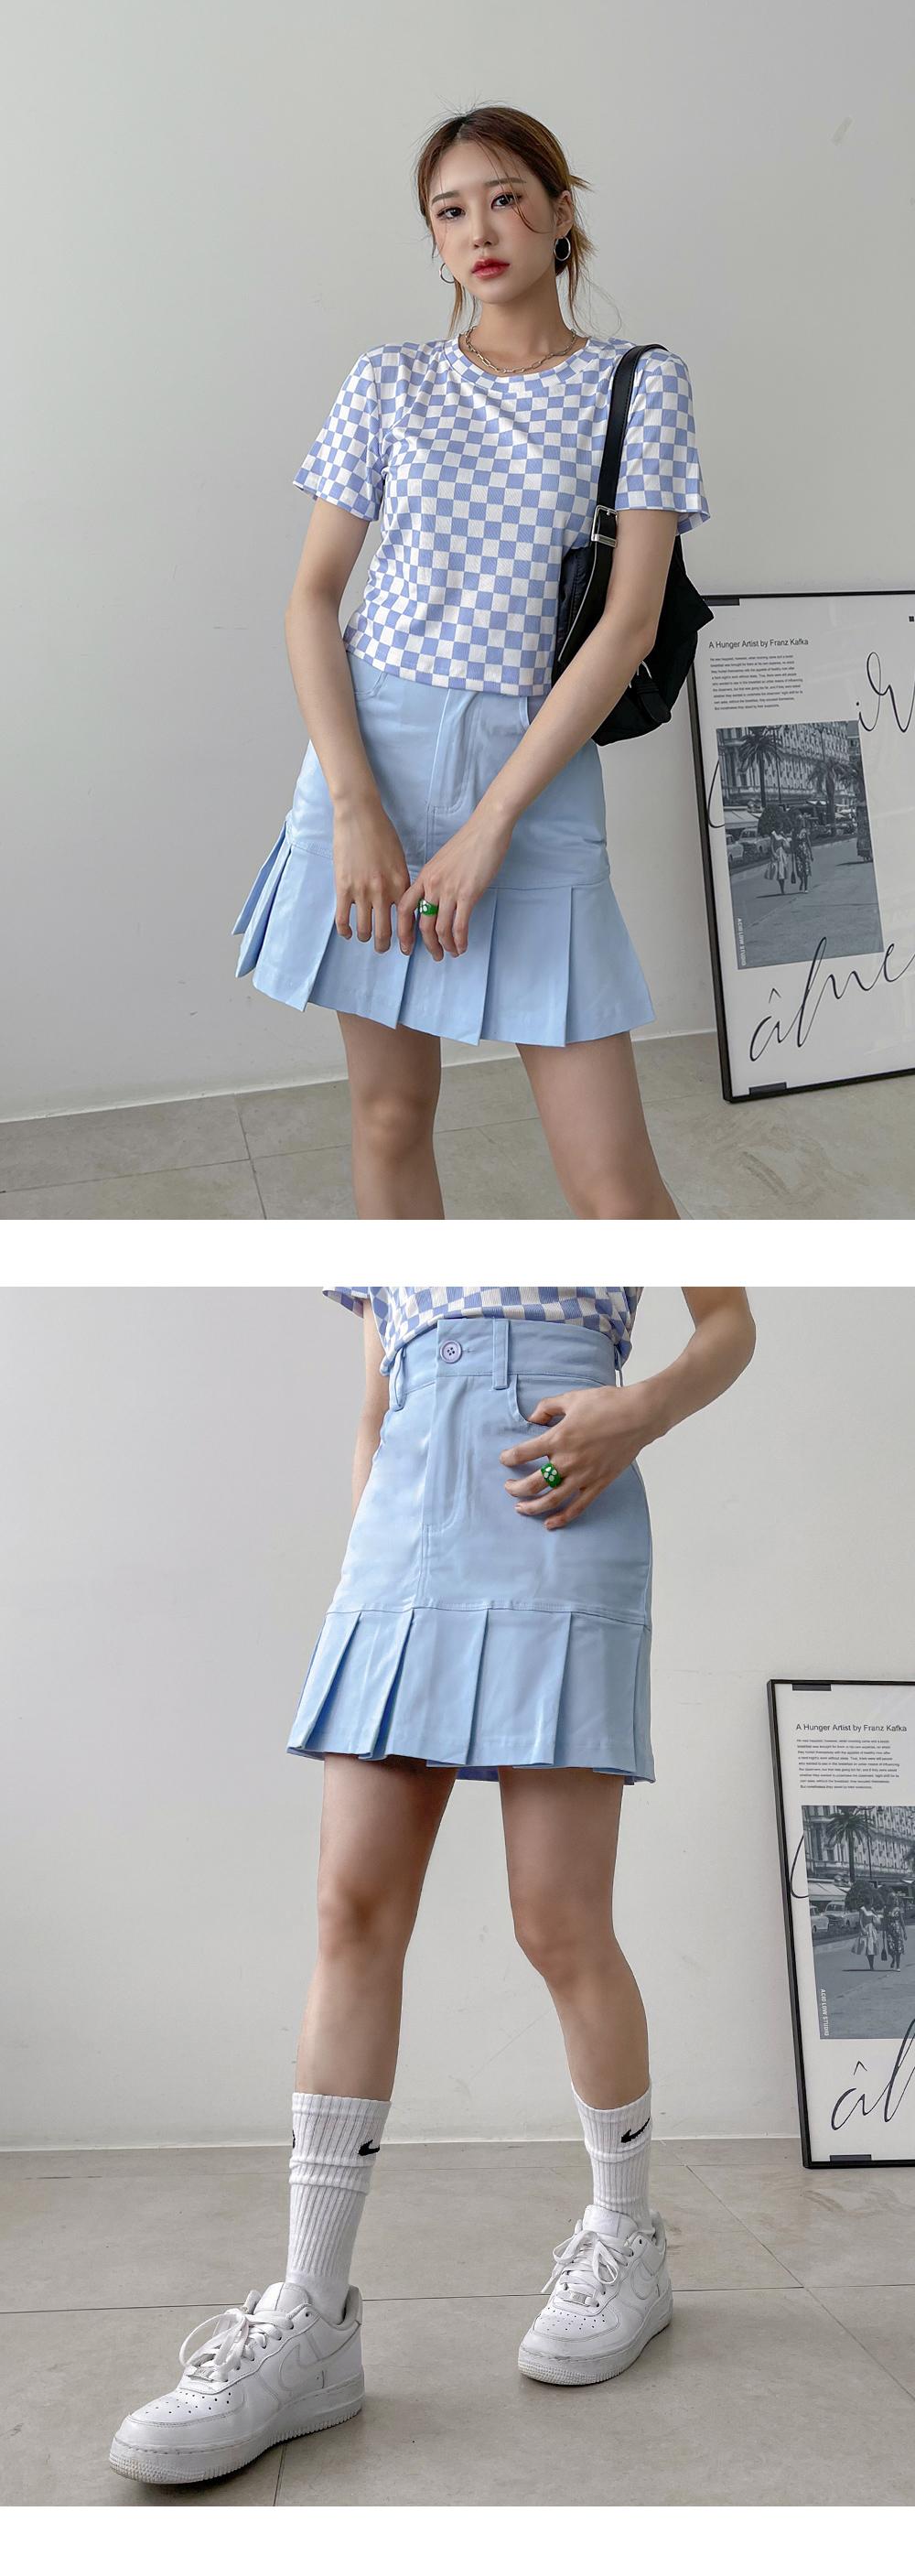 Luanne pleated mini skirt